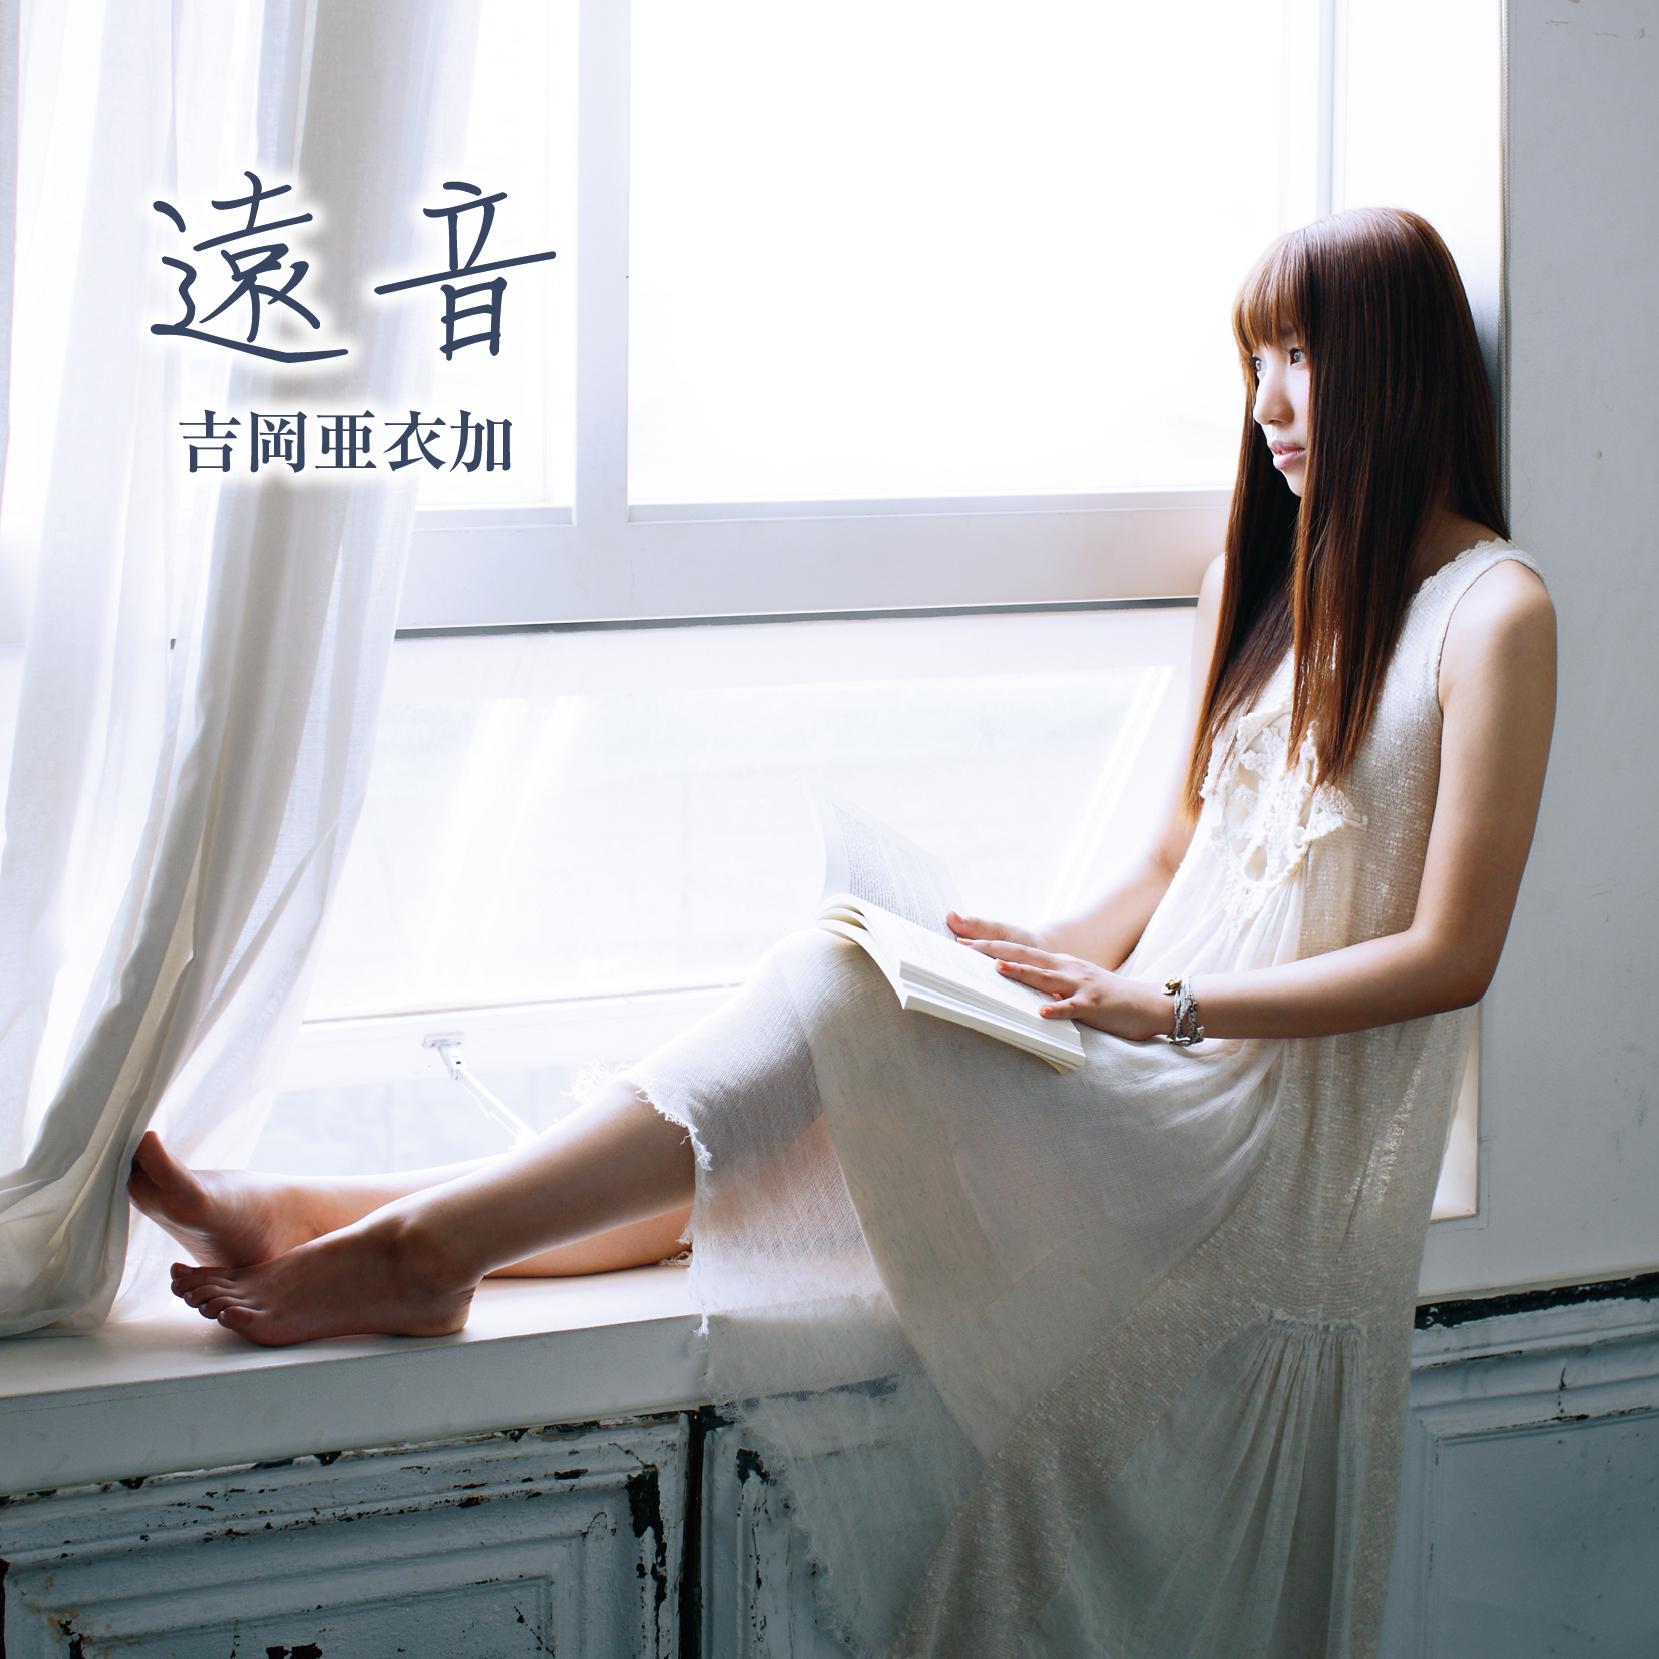 20160311.22 Aika Yoshioka - Tone cover.jpg